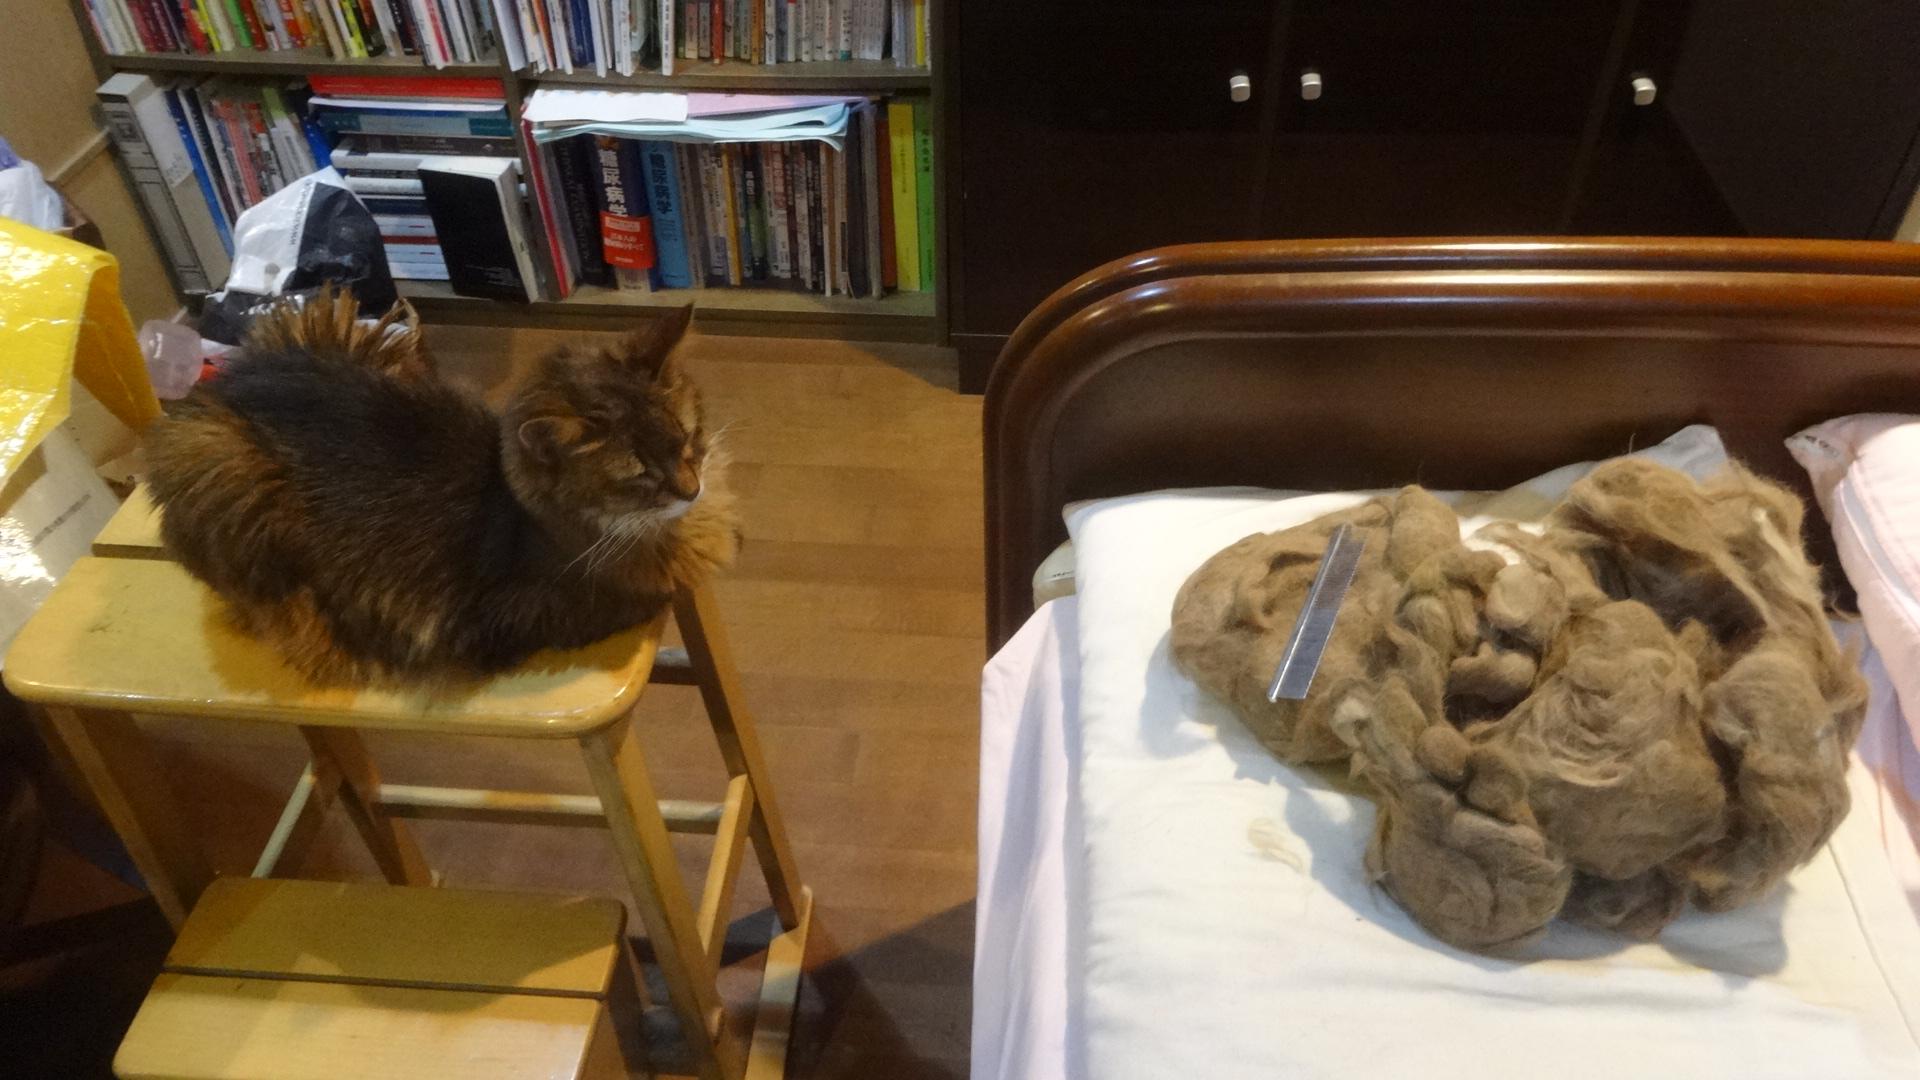 ローズと同じくらいの大きさの毛玉の塊